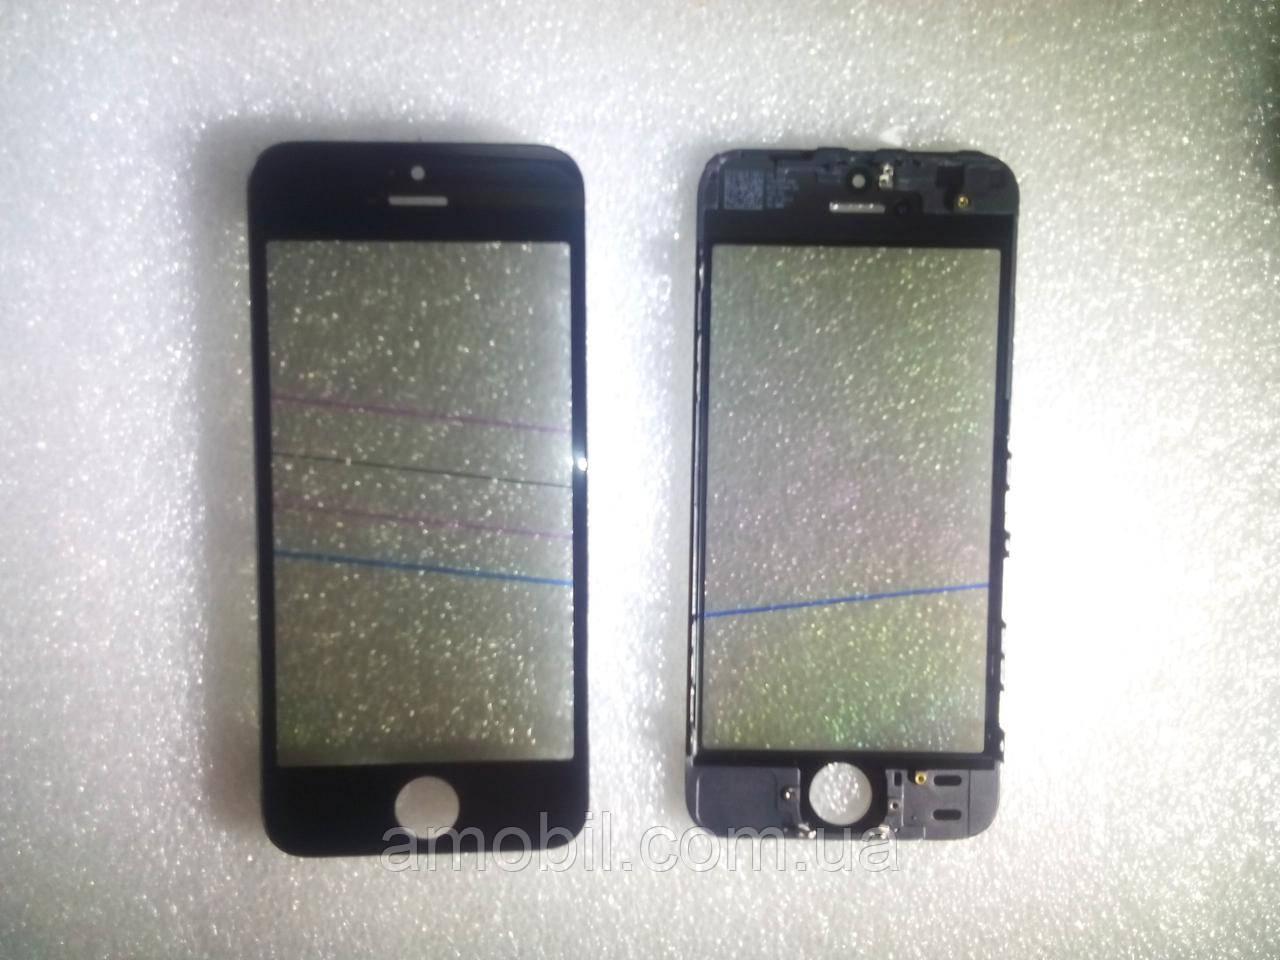 Стекло с дисплейной рамкой , OCA плёнкой и поляризационной плёнкой для iPhone 5S чёрное